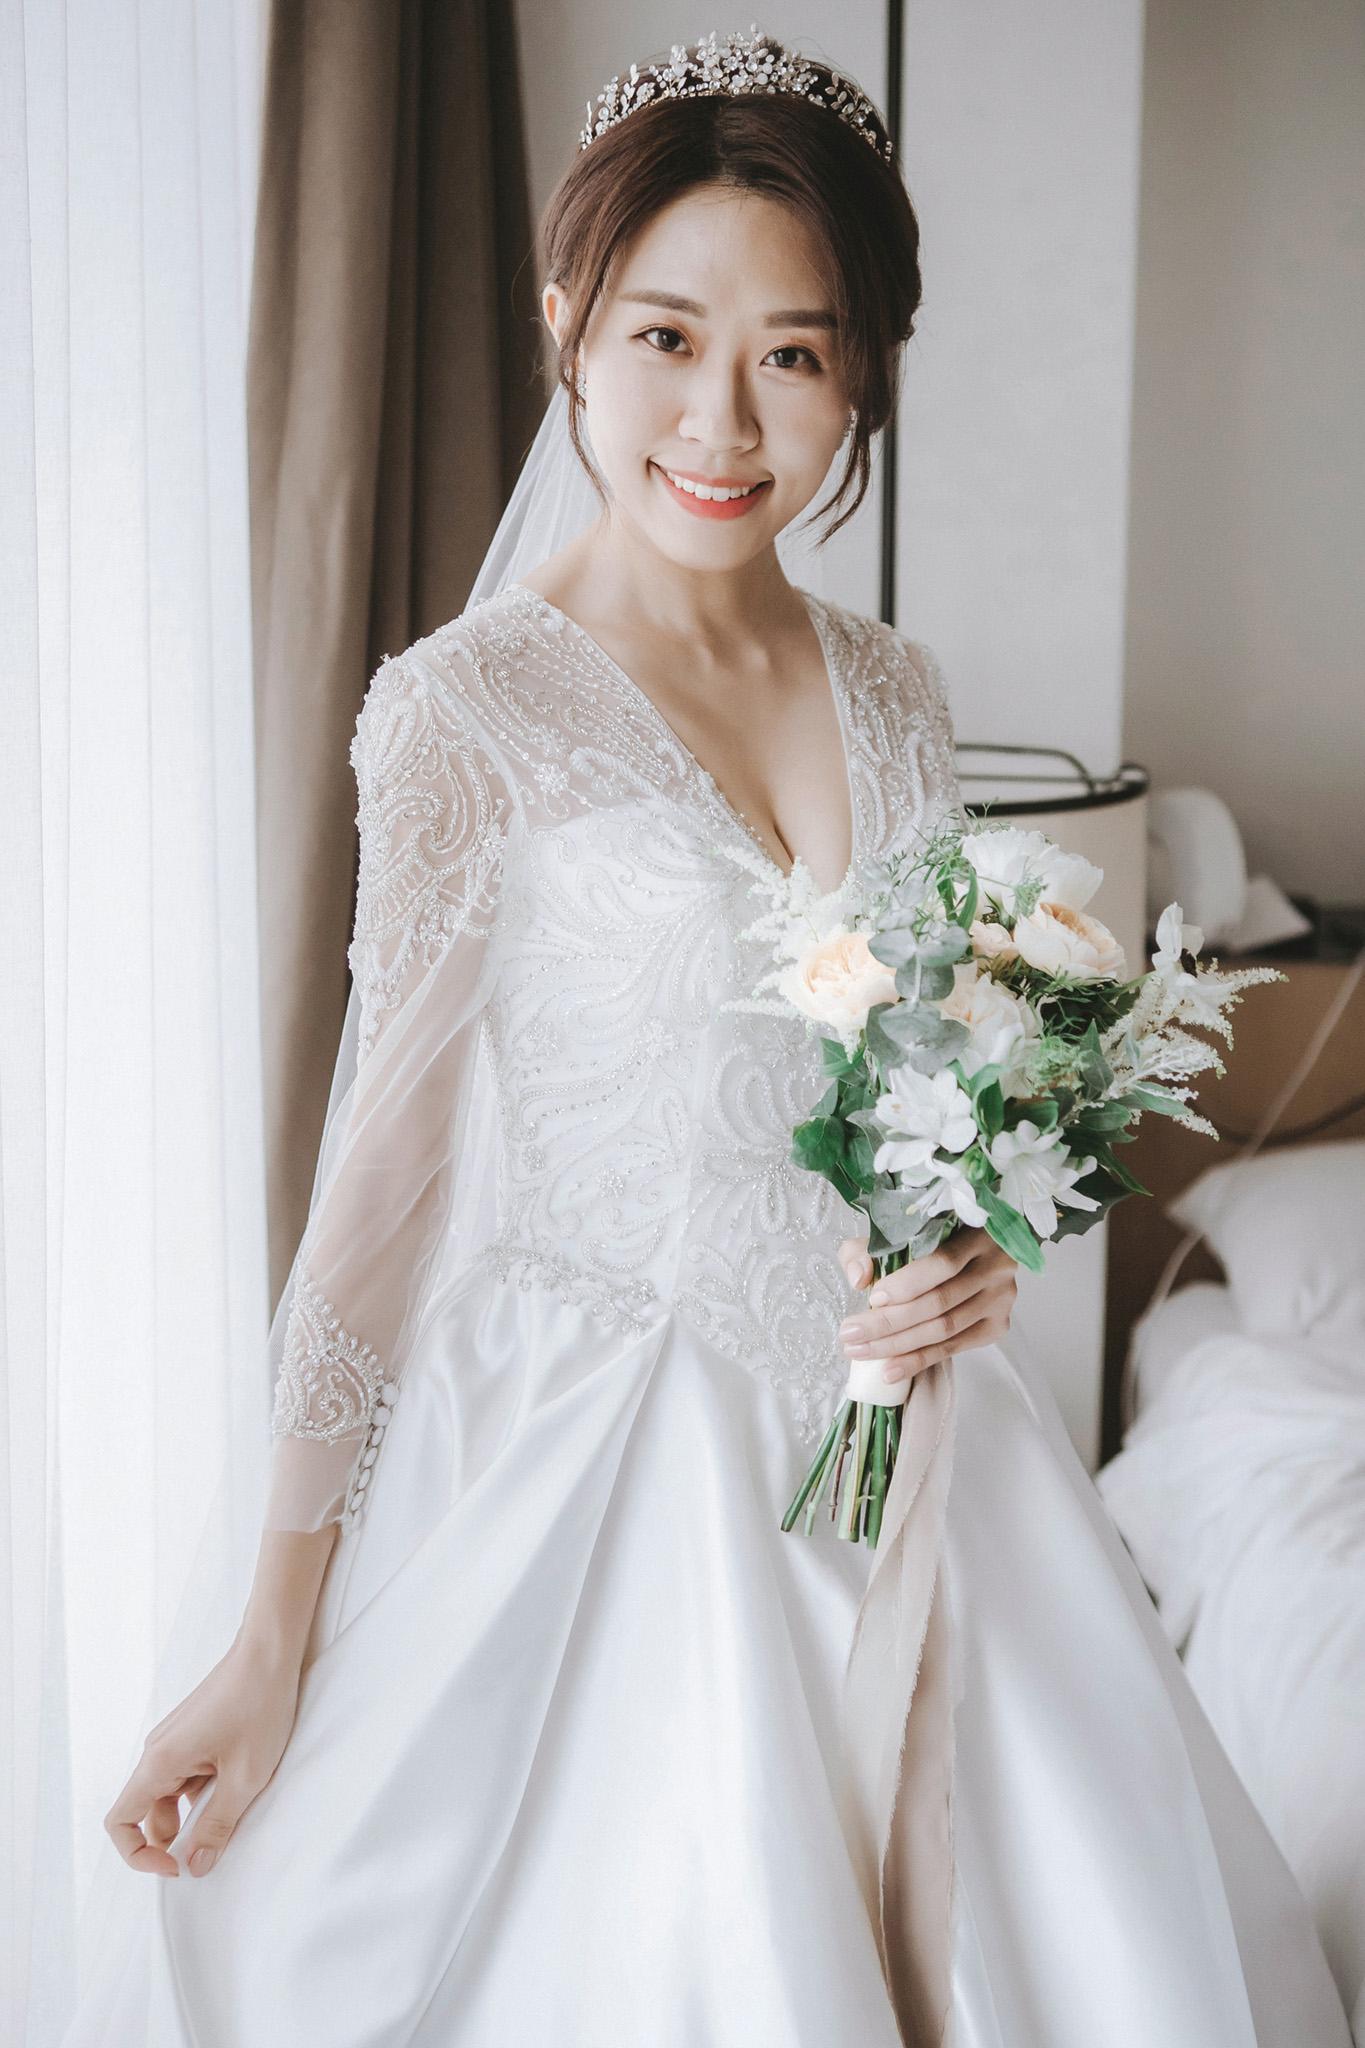 EW 居米 台北婚宴 台北婚紗 台北婚攝 國泰萬怡 台北婚禮 -2